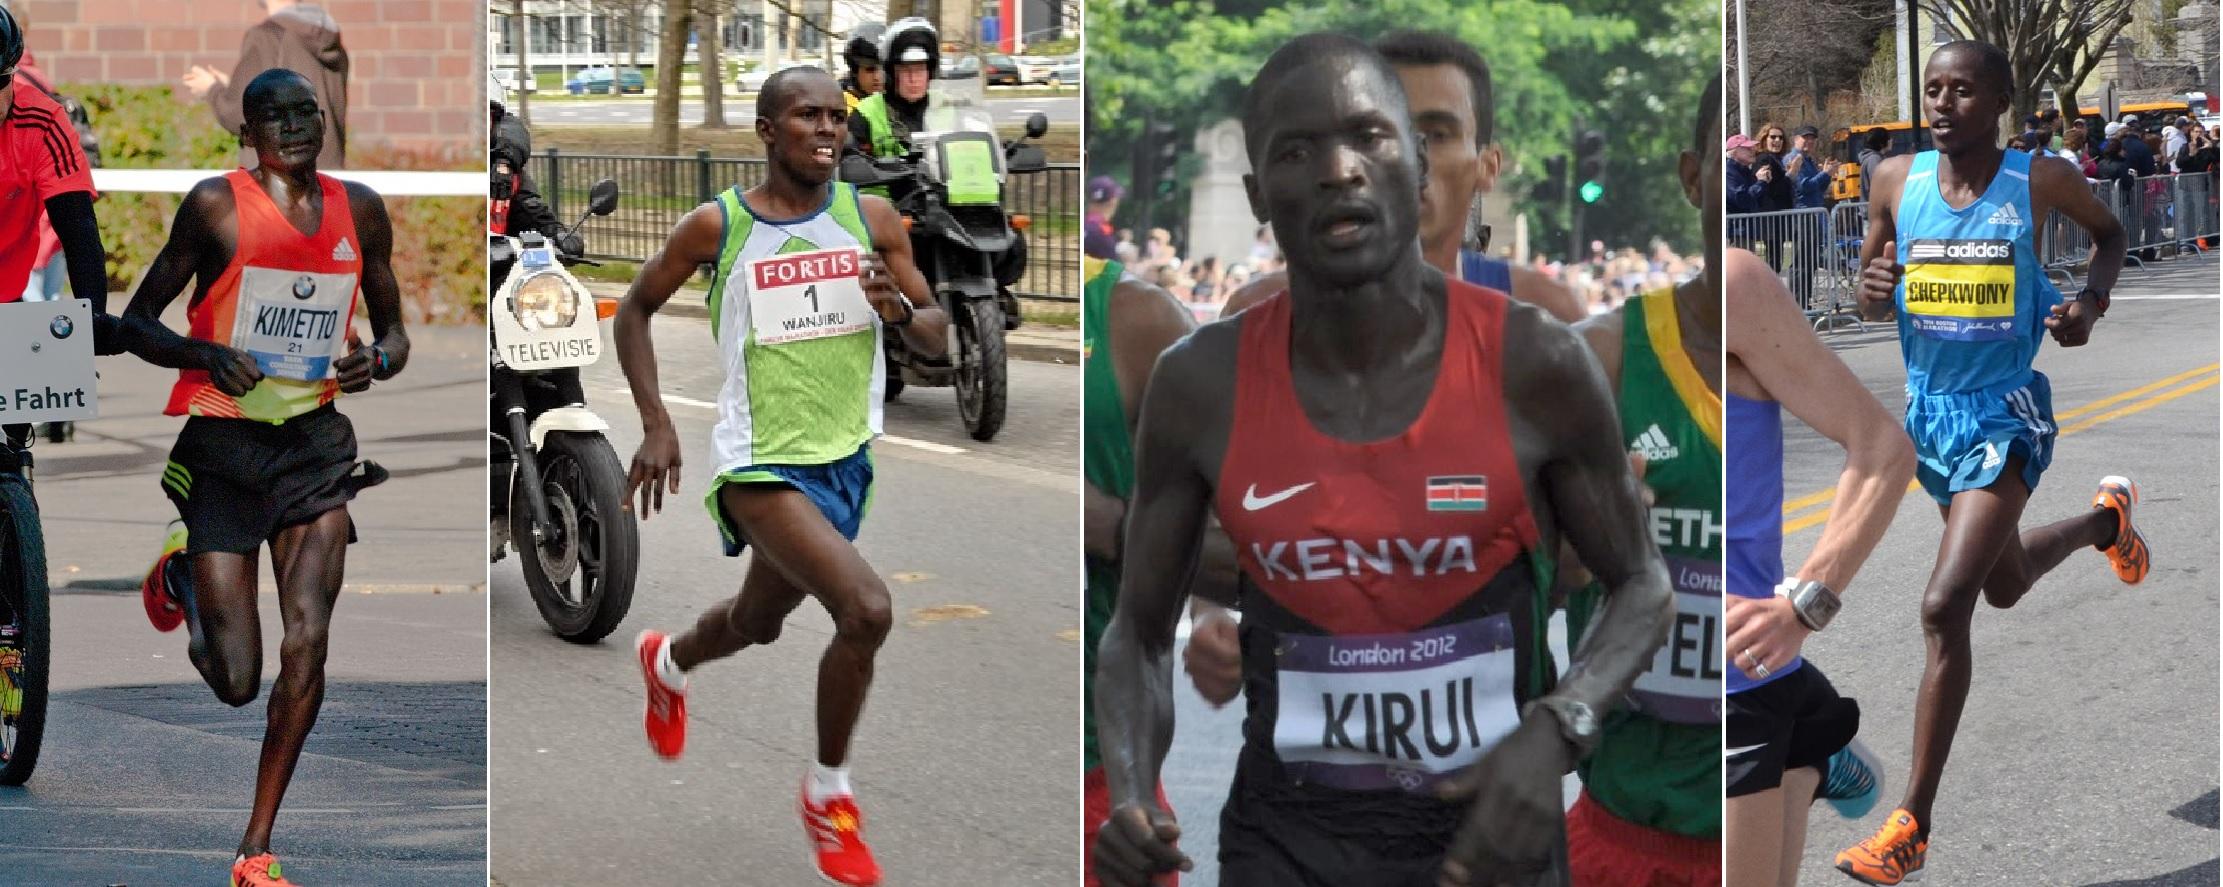 Teď už to nestihnete, protože GW se musí podávat čtyři týdny. Ale kdo ví, třeba už na příštím maratonu budete moci držet krok (z leva do prava) s nepřekonaným Keňanem Dennisem Kimetto, nebo olympijským rekordmanem Samuelem Wanjiru z Keni, eventuelně